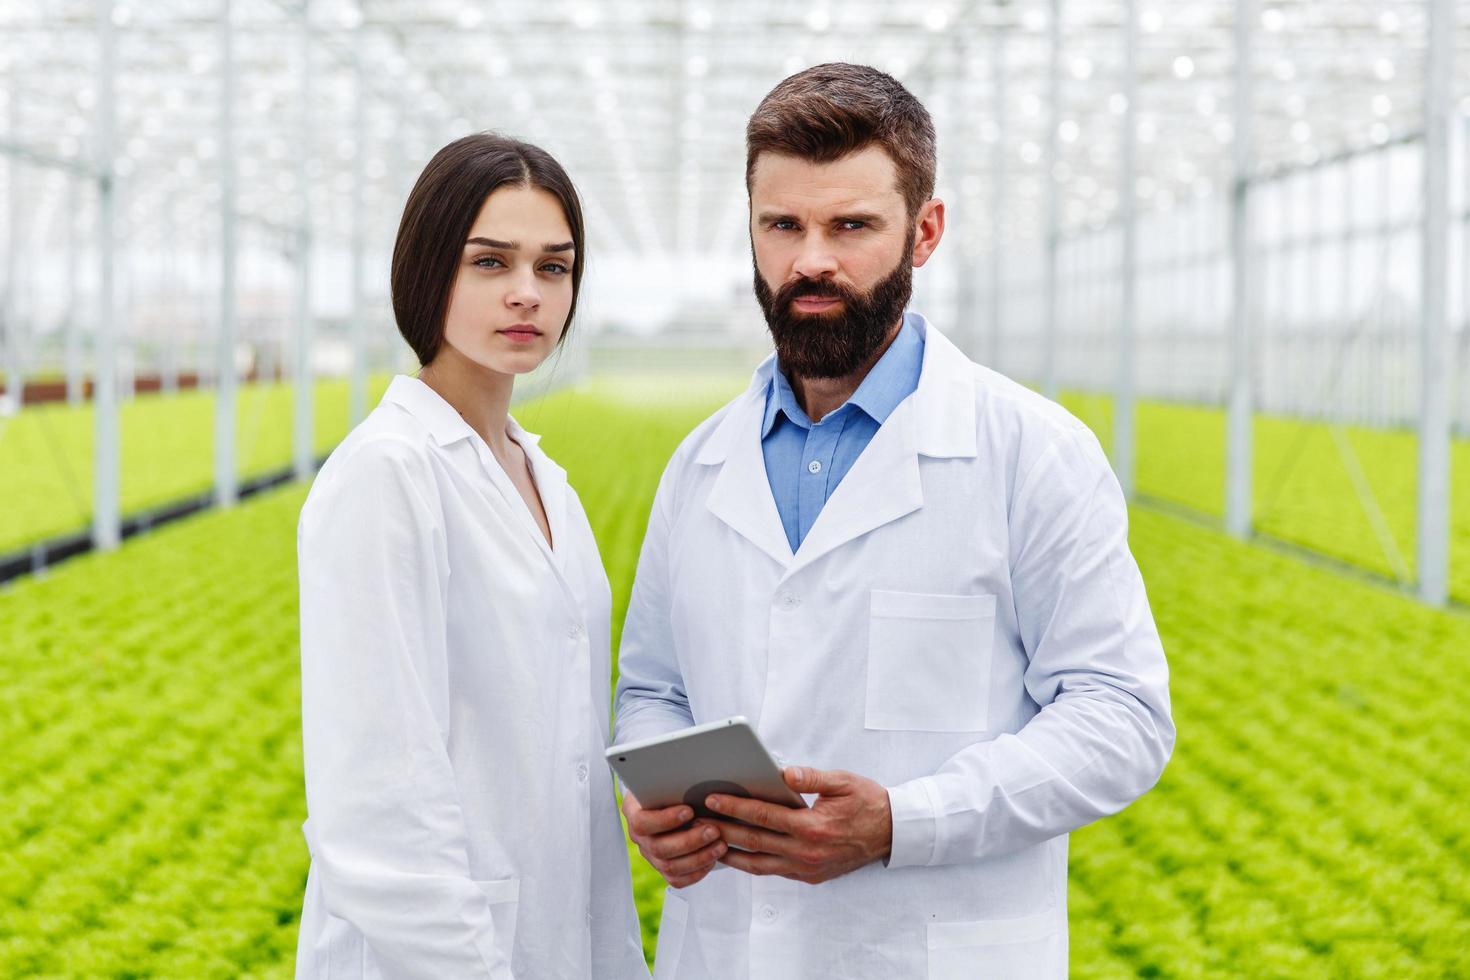 twee onderzoekers in een kas foto